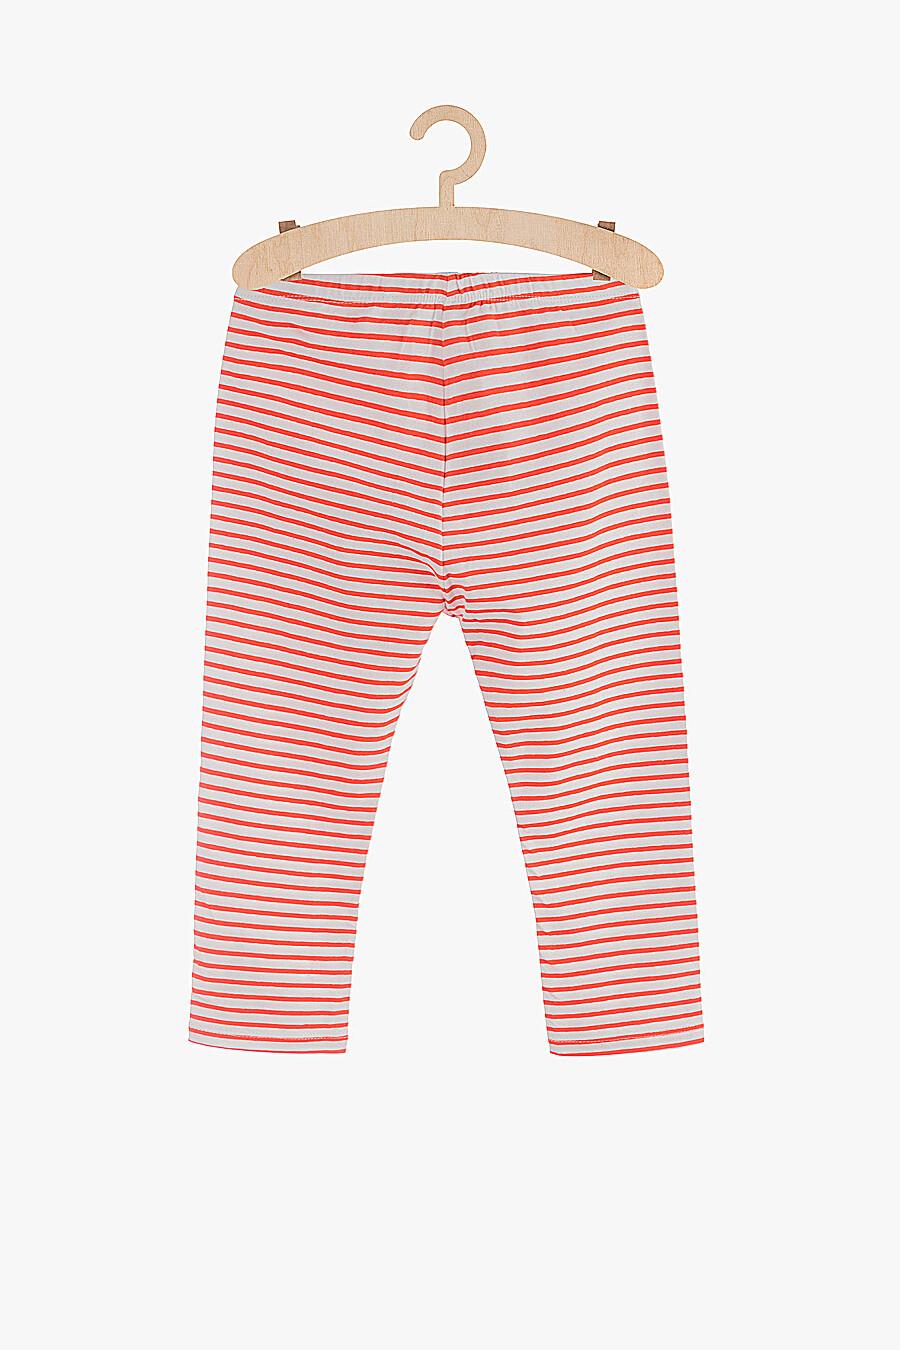 Леггинсы для девочек 5.10.15 218387 купить оптом от производителя. Совместная покупка детской одежды в OptMoyo